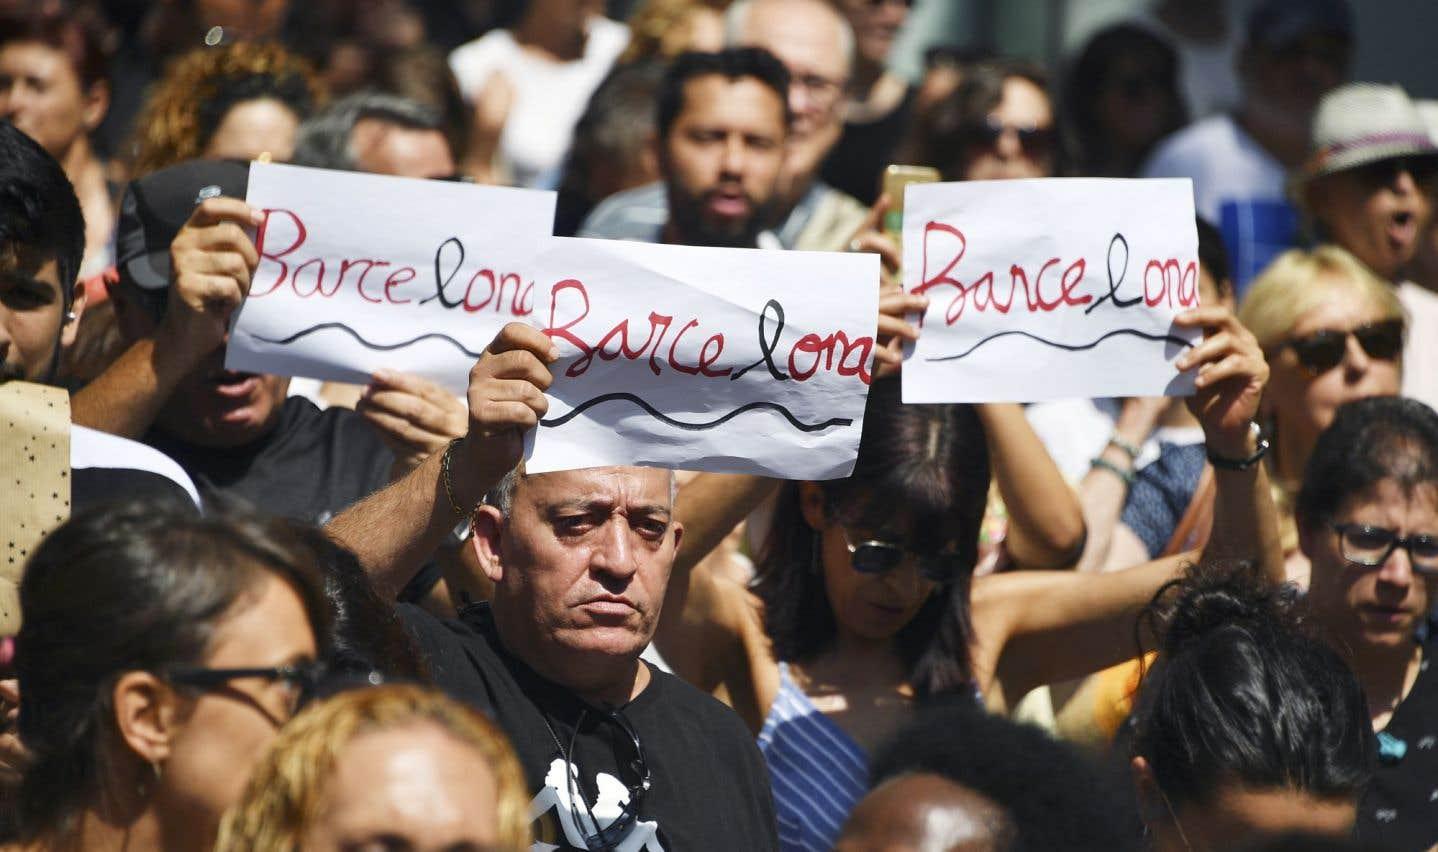 Un Canadien tué dans l'attentat de Barcelone